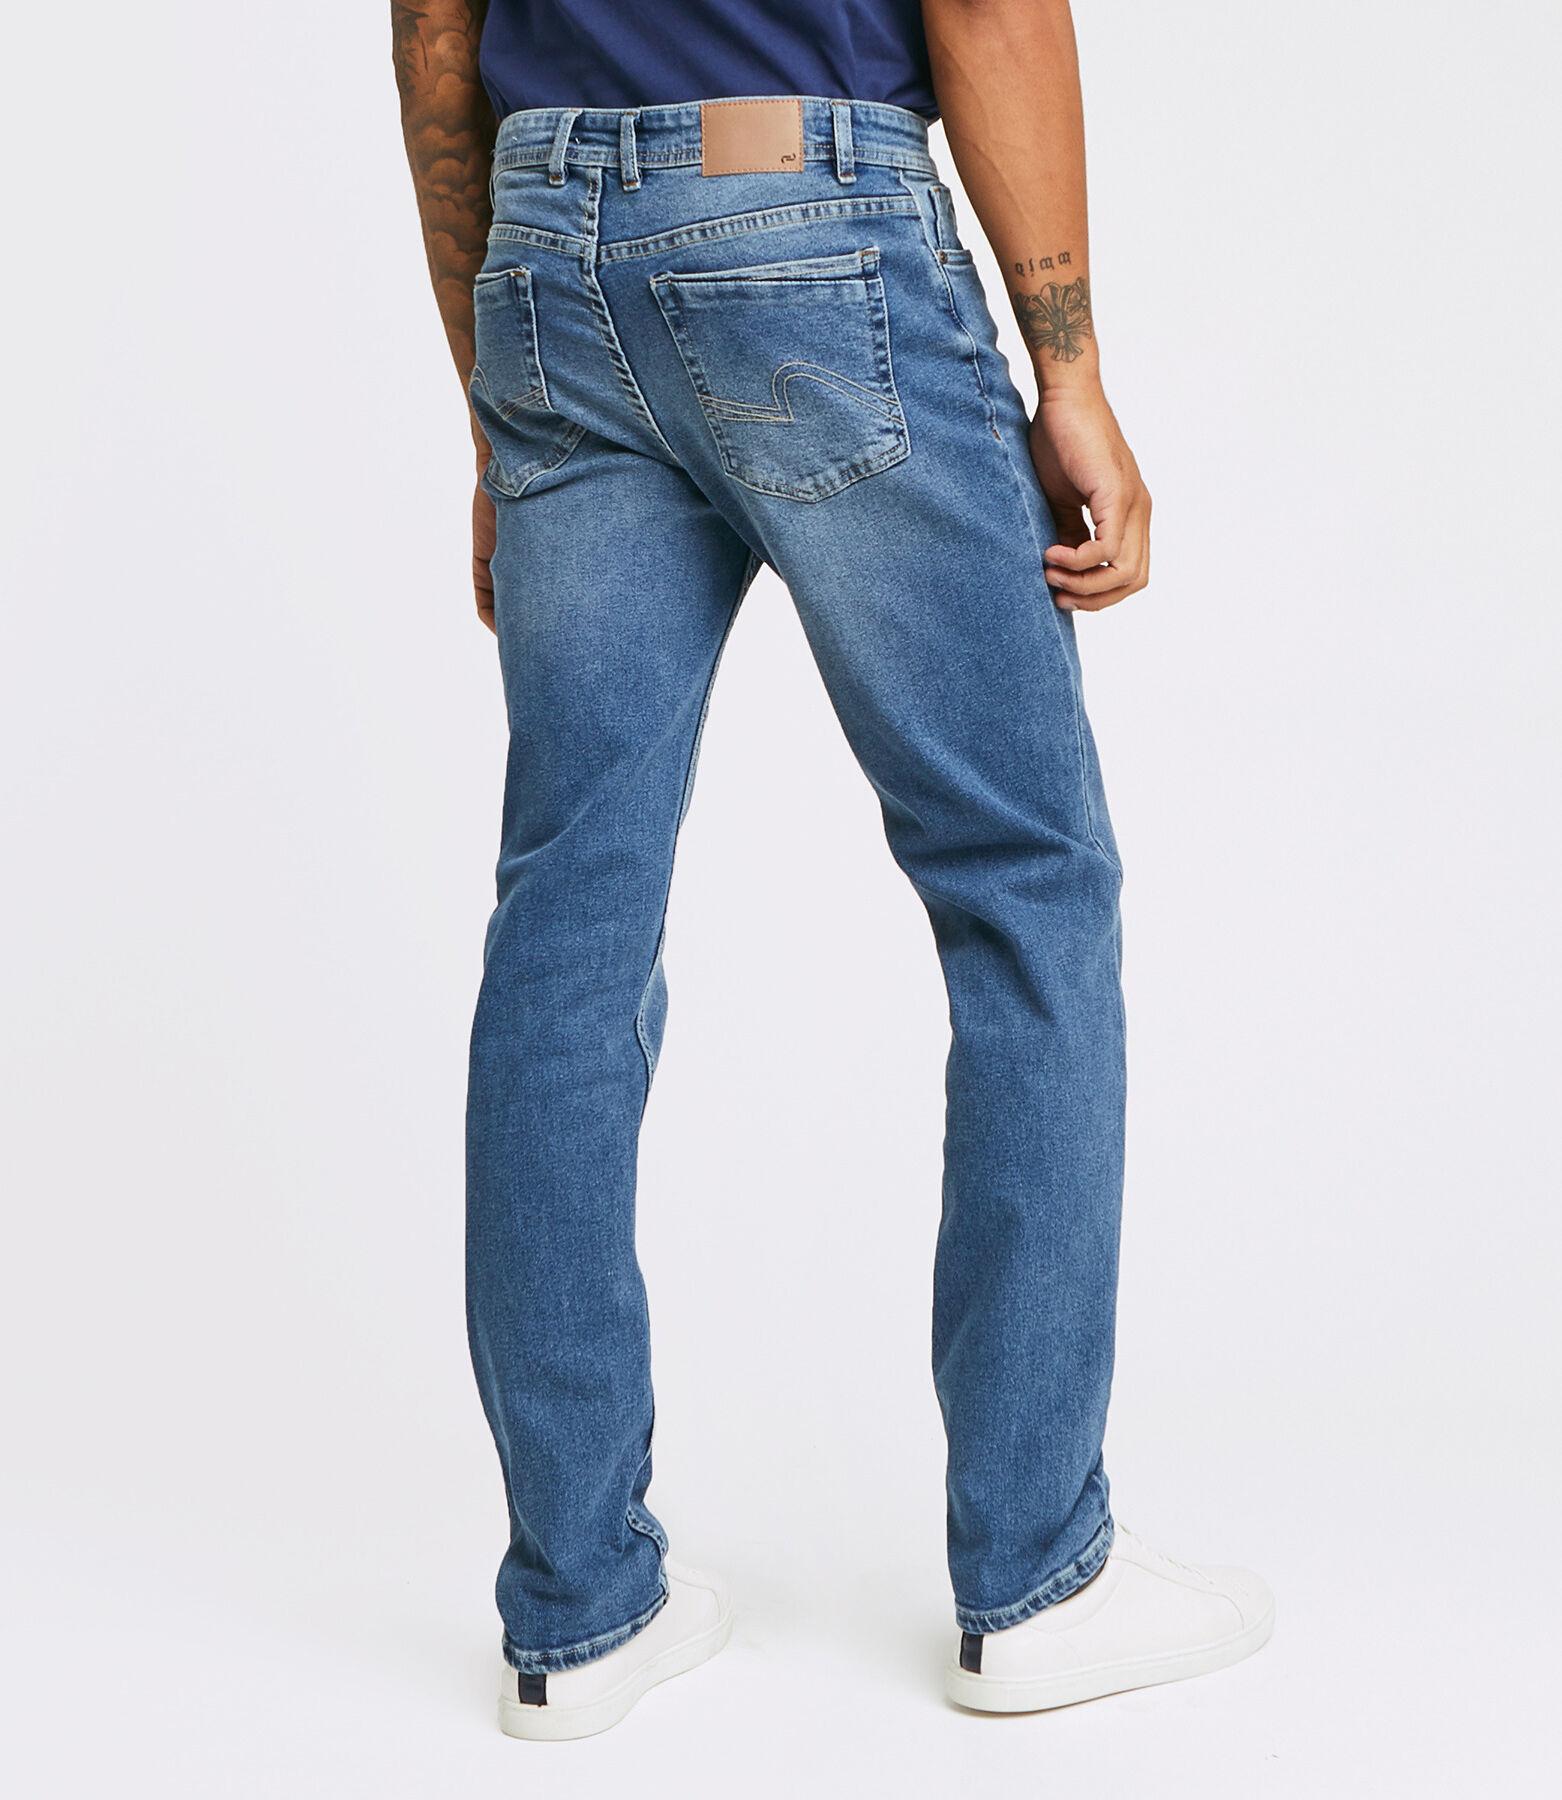 Jean Straight #Ben 4L bleu